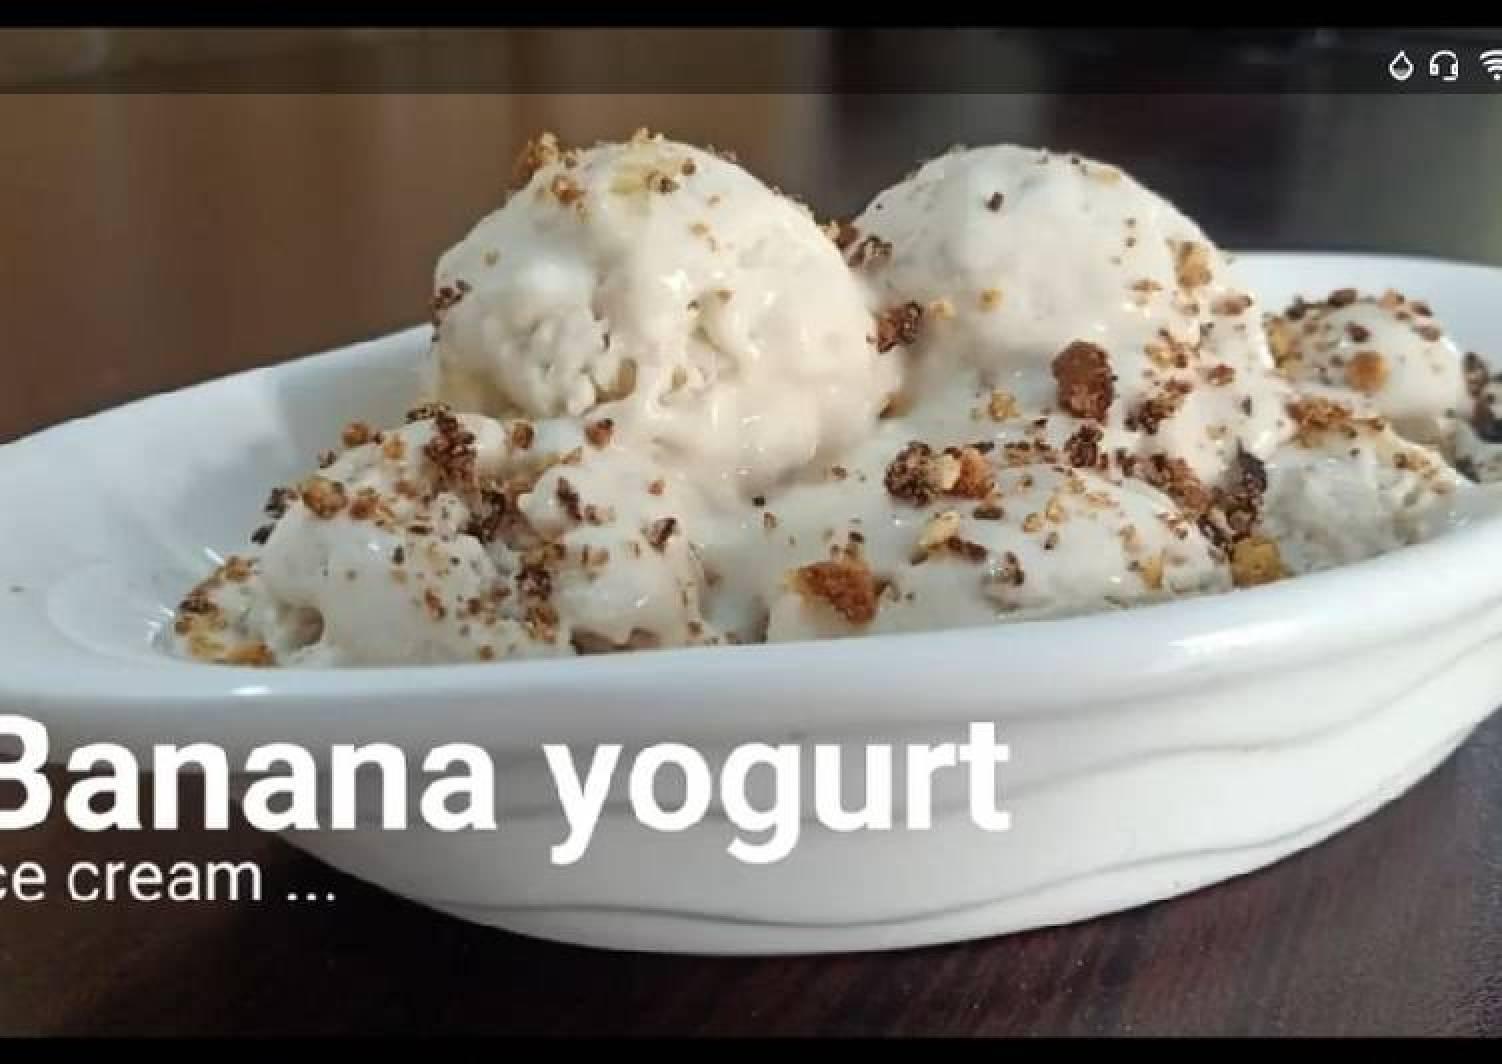 Banana yoghurt ice cream